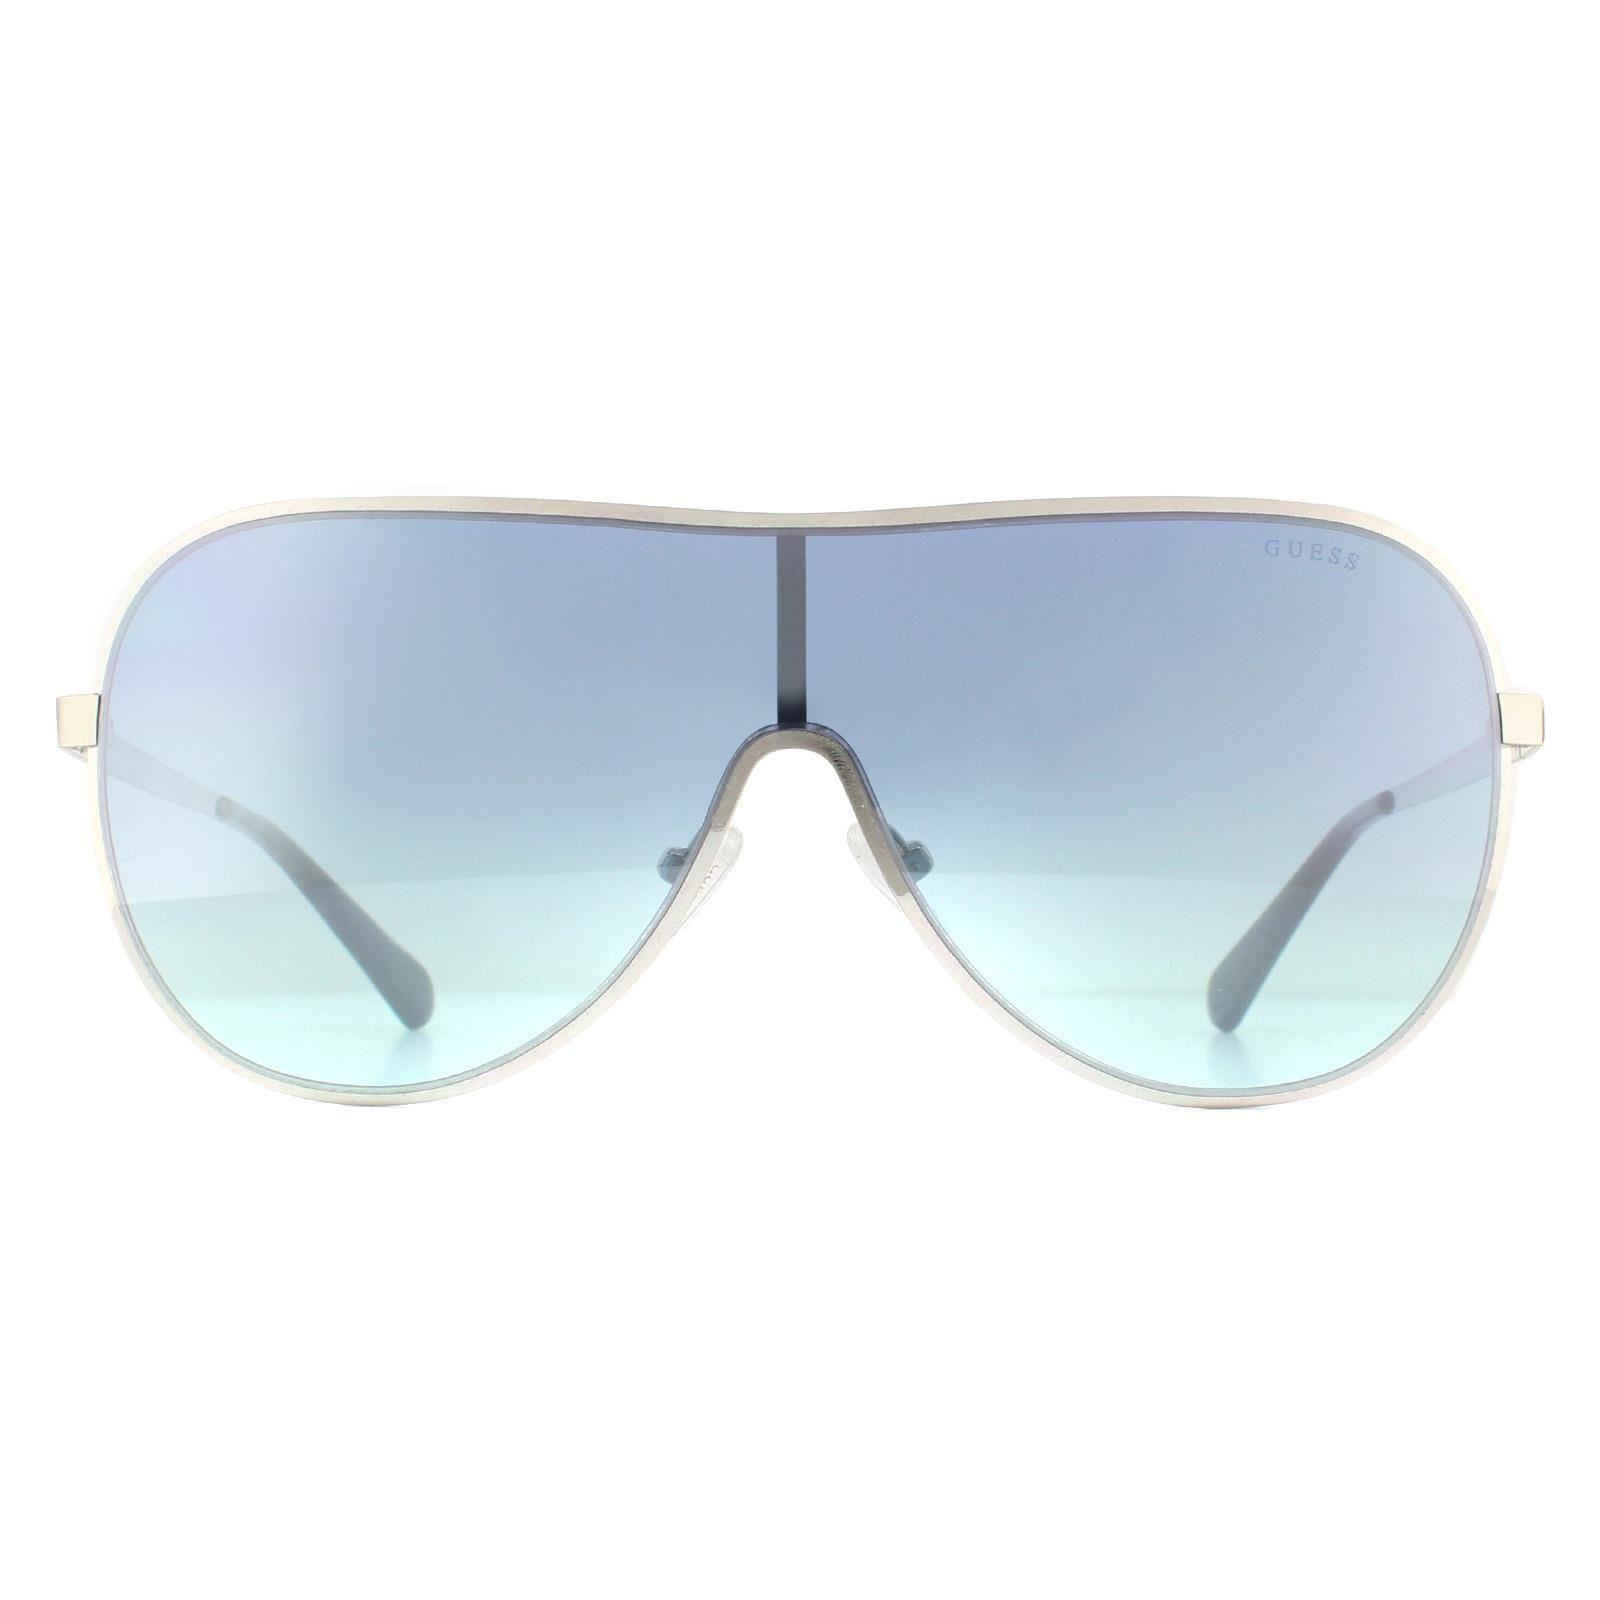 Guess Sunglasses GU5200 10X Silver Blue Mirror